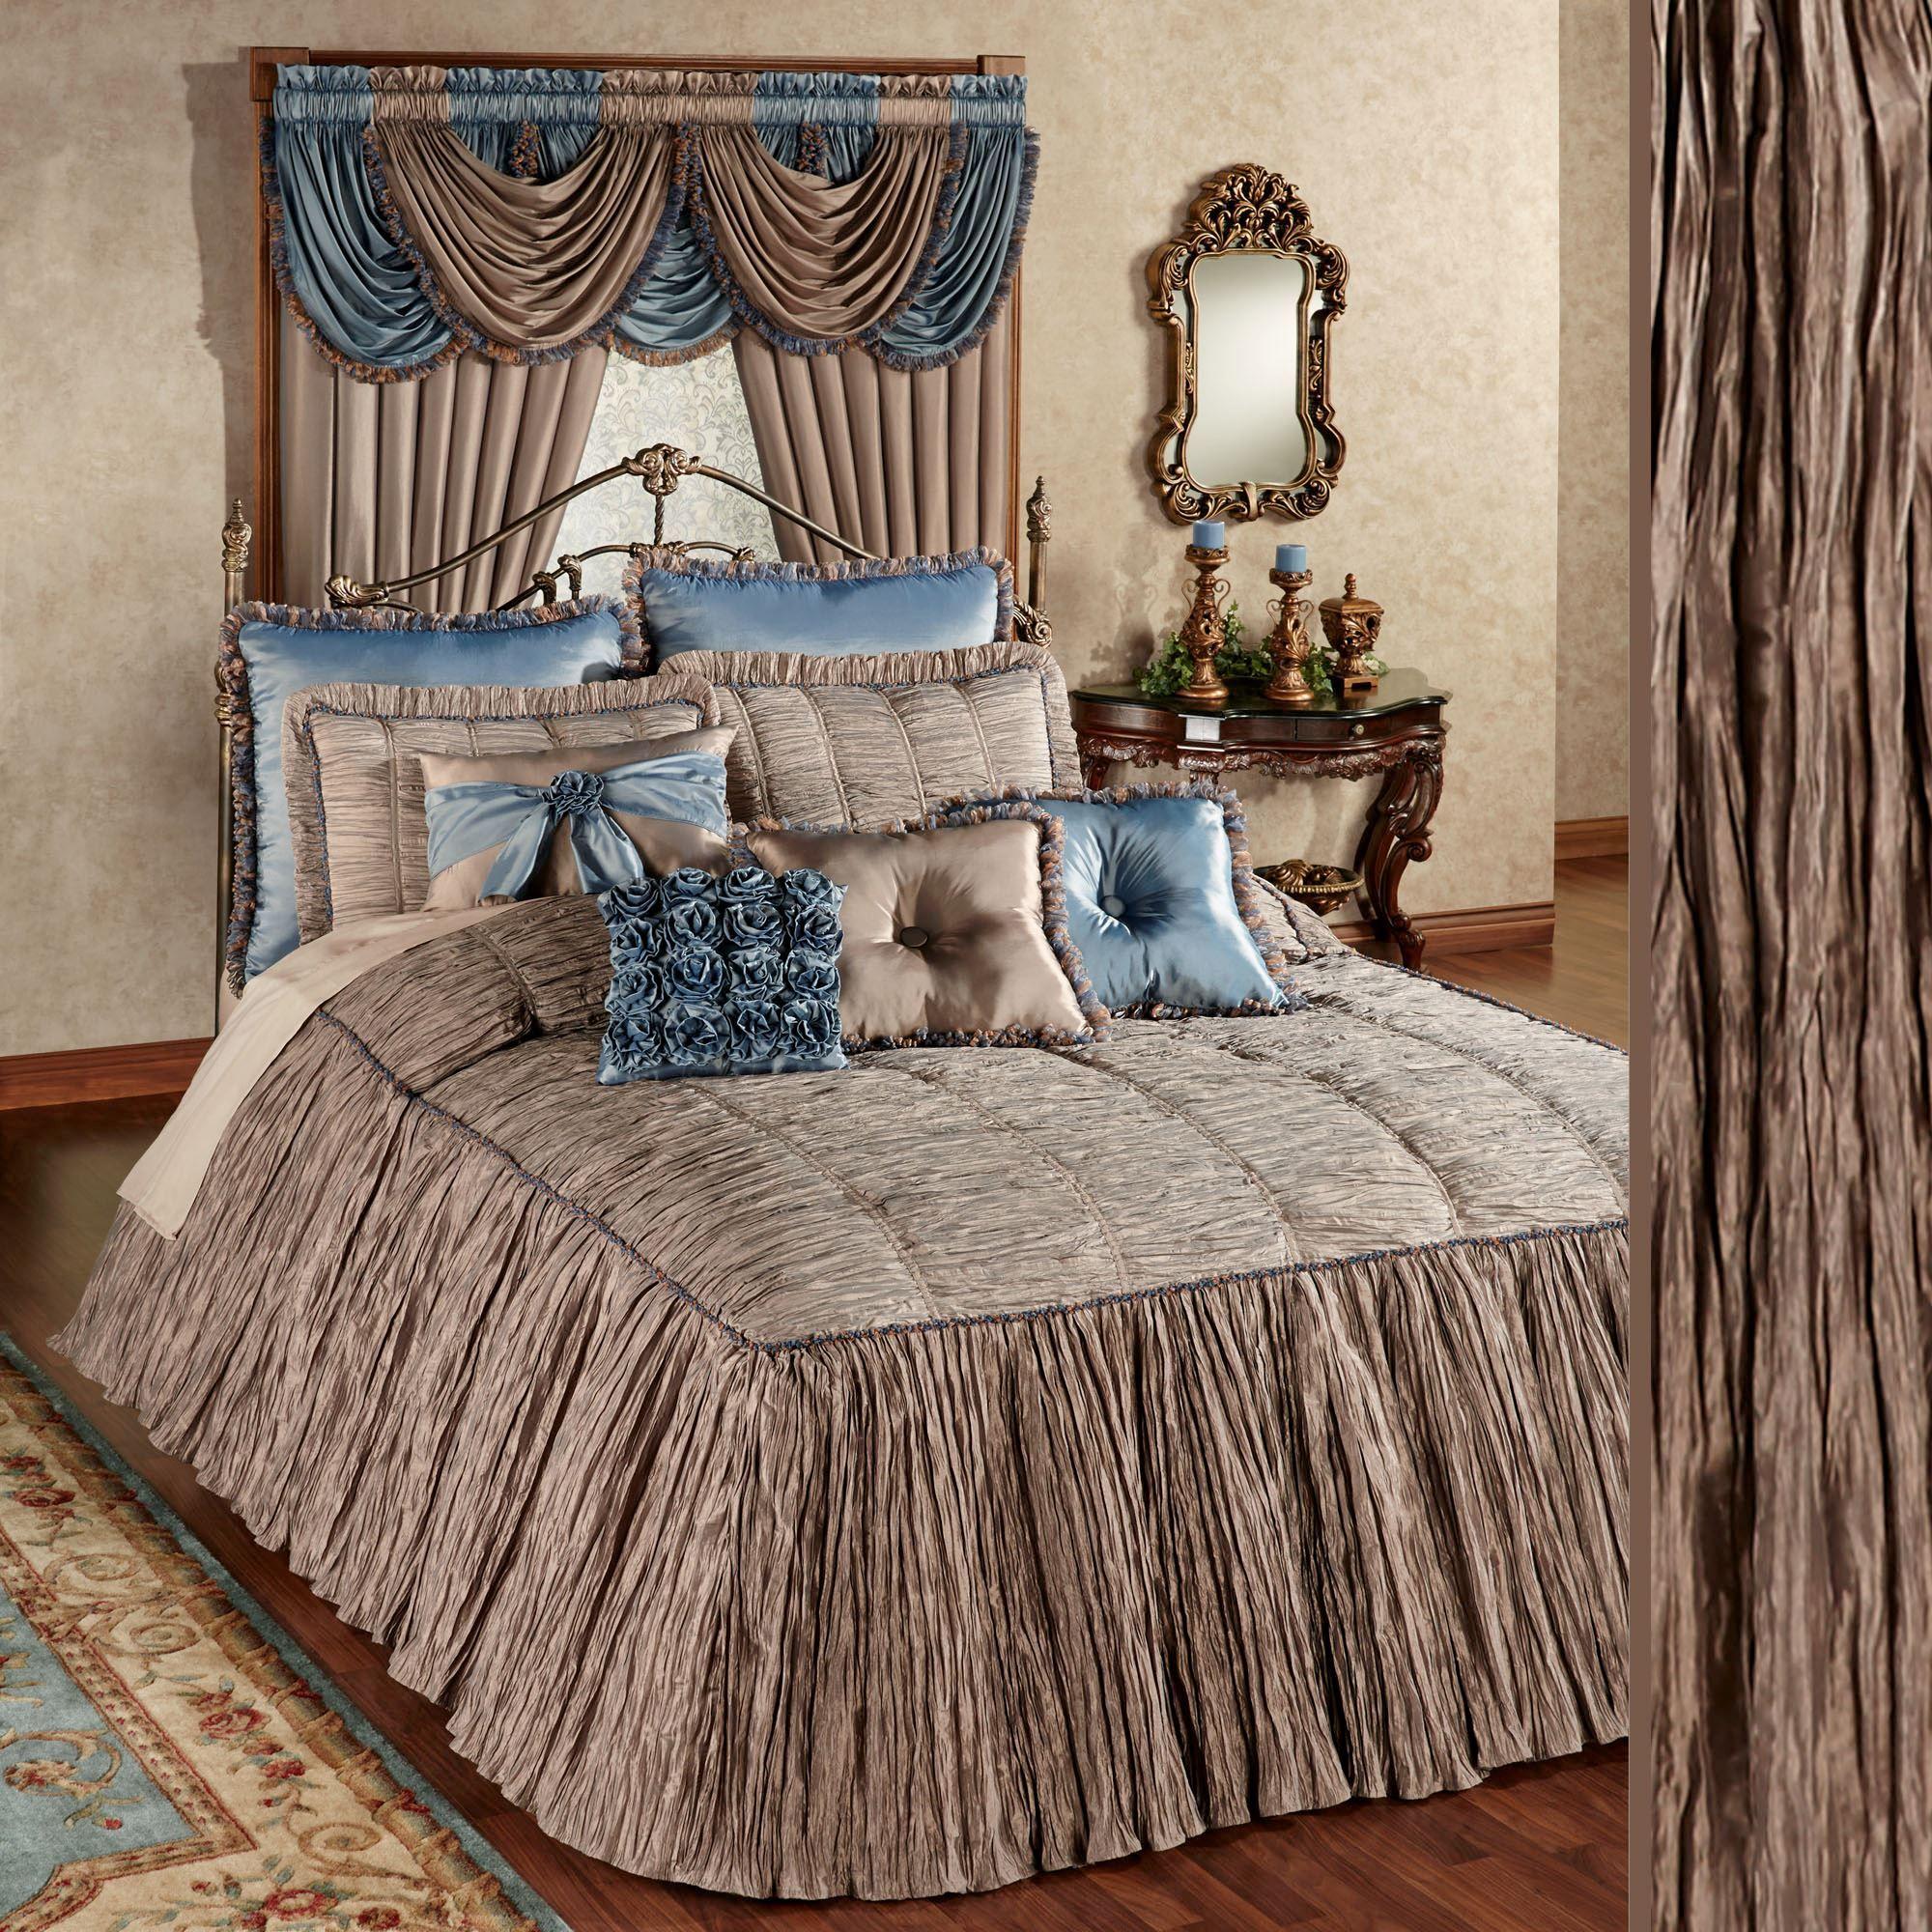 Royale Grande Bedspread Bedding